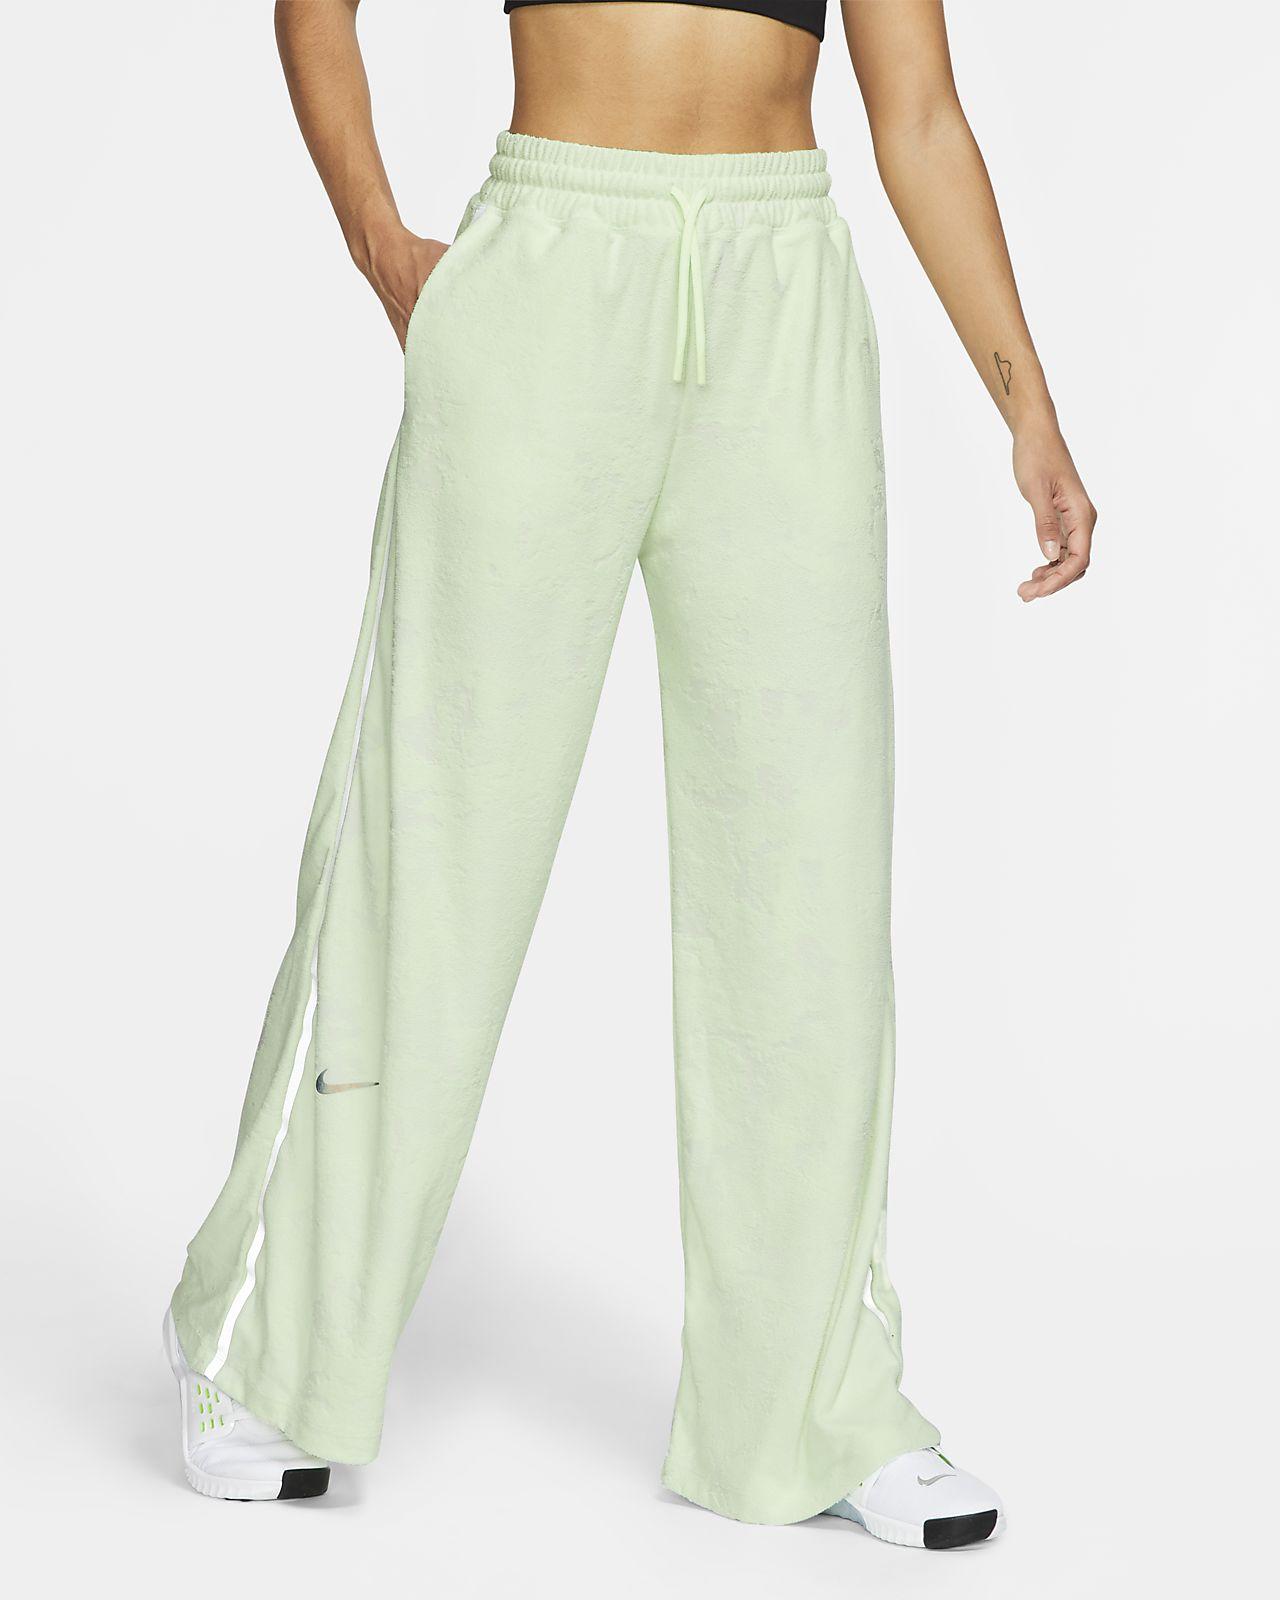 Nike City Ready Women's Fleece Training Pants